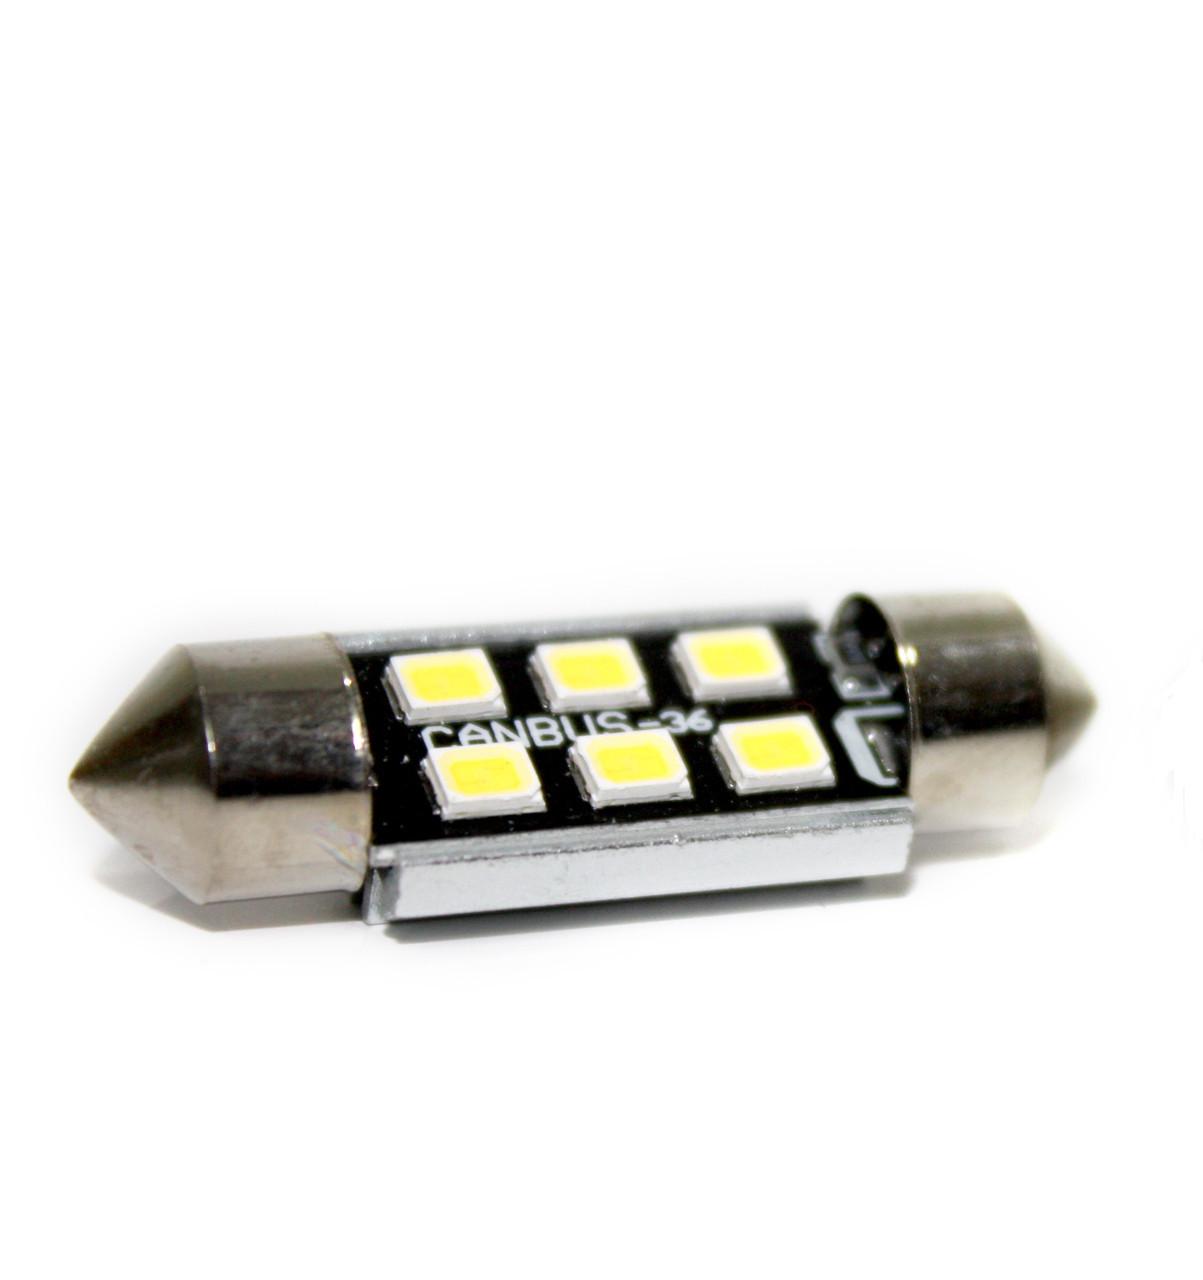 Автолампа LED BTLE1285, C5W, SMD2835, CANBUS, 39 мм